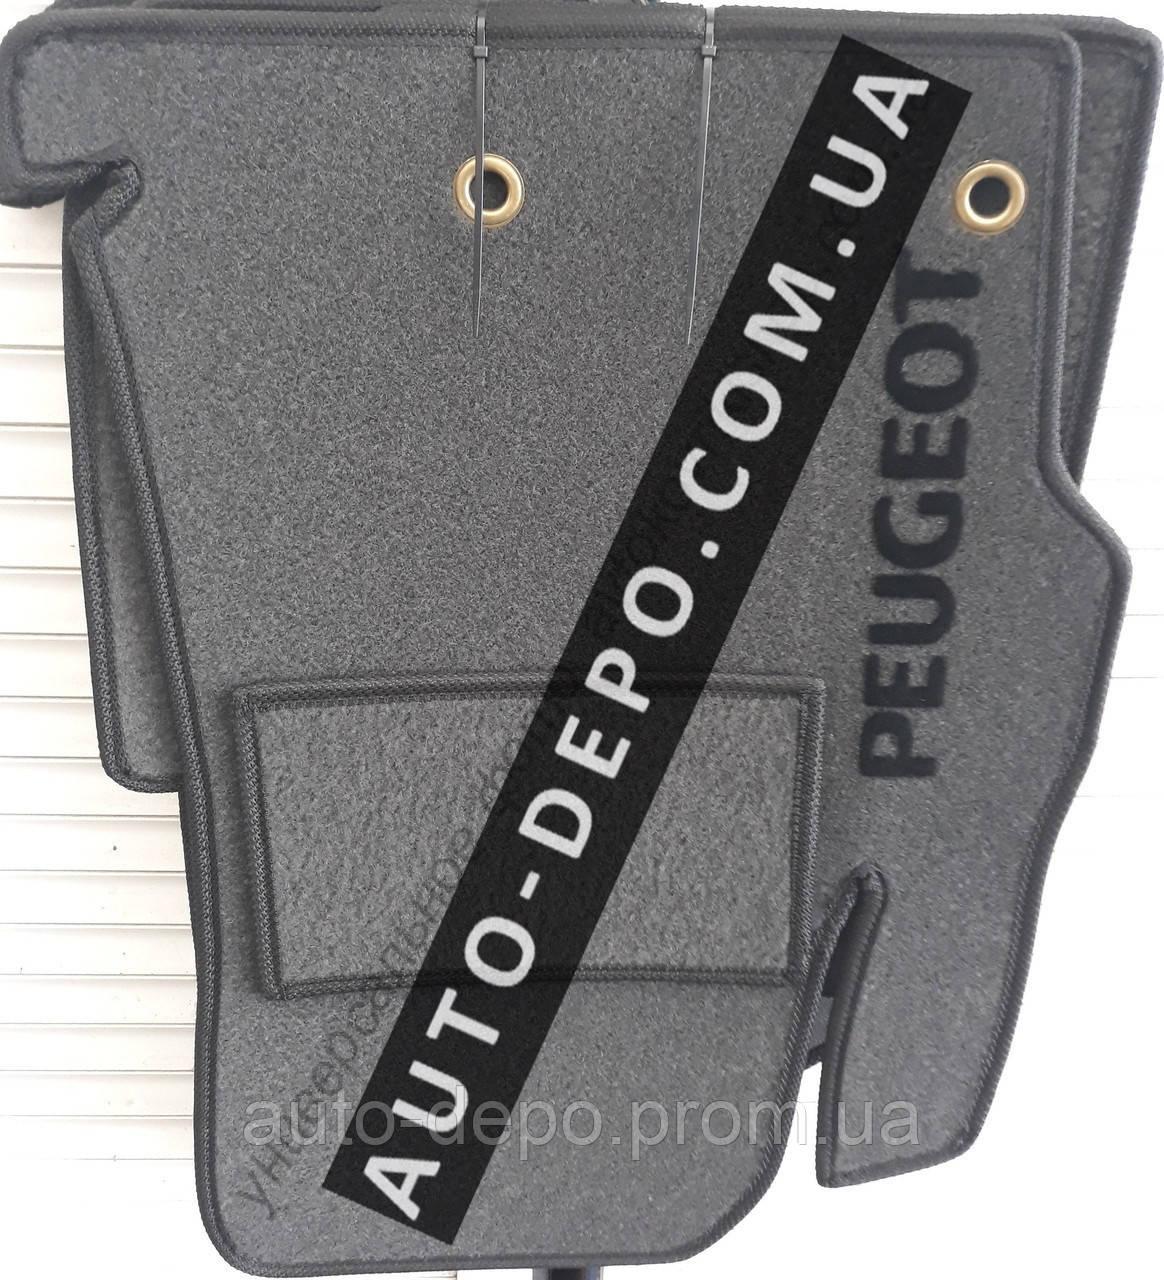 Ворсовые коврики салона Peugeot 206 1998- VIP ЛЮКС АВТО-ВОРС